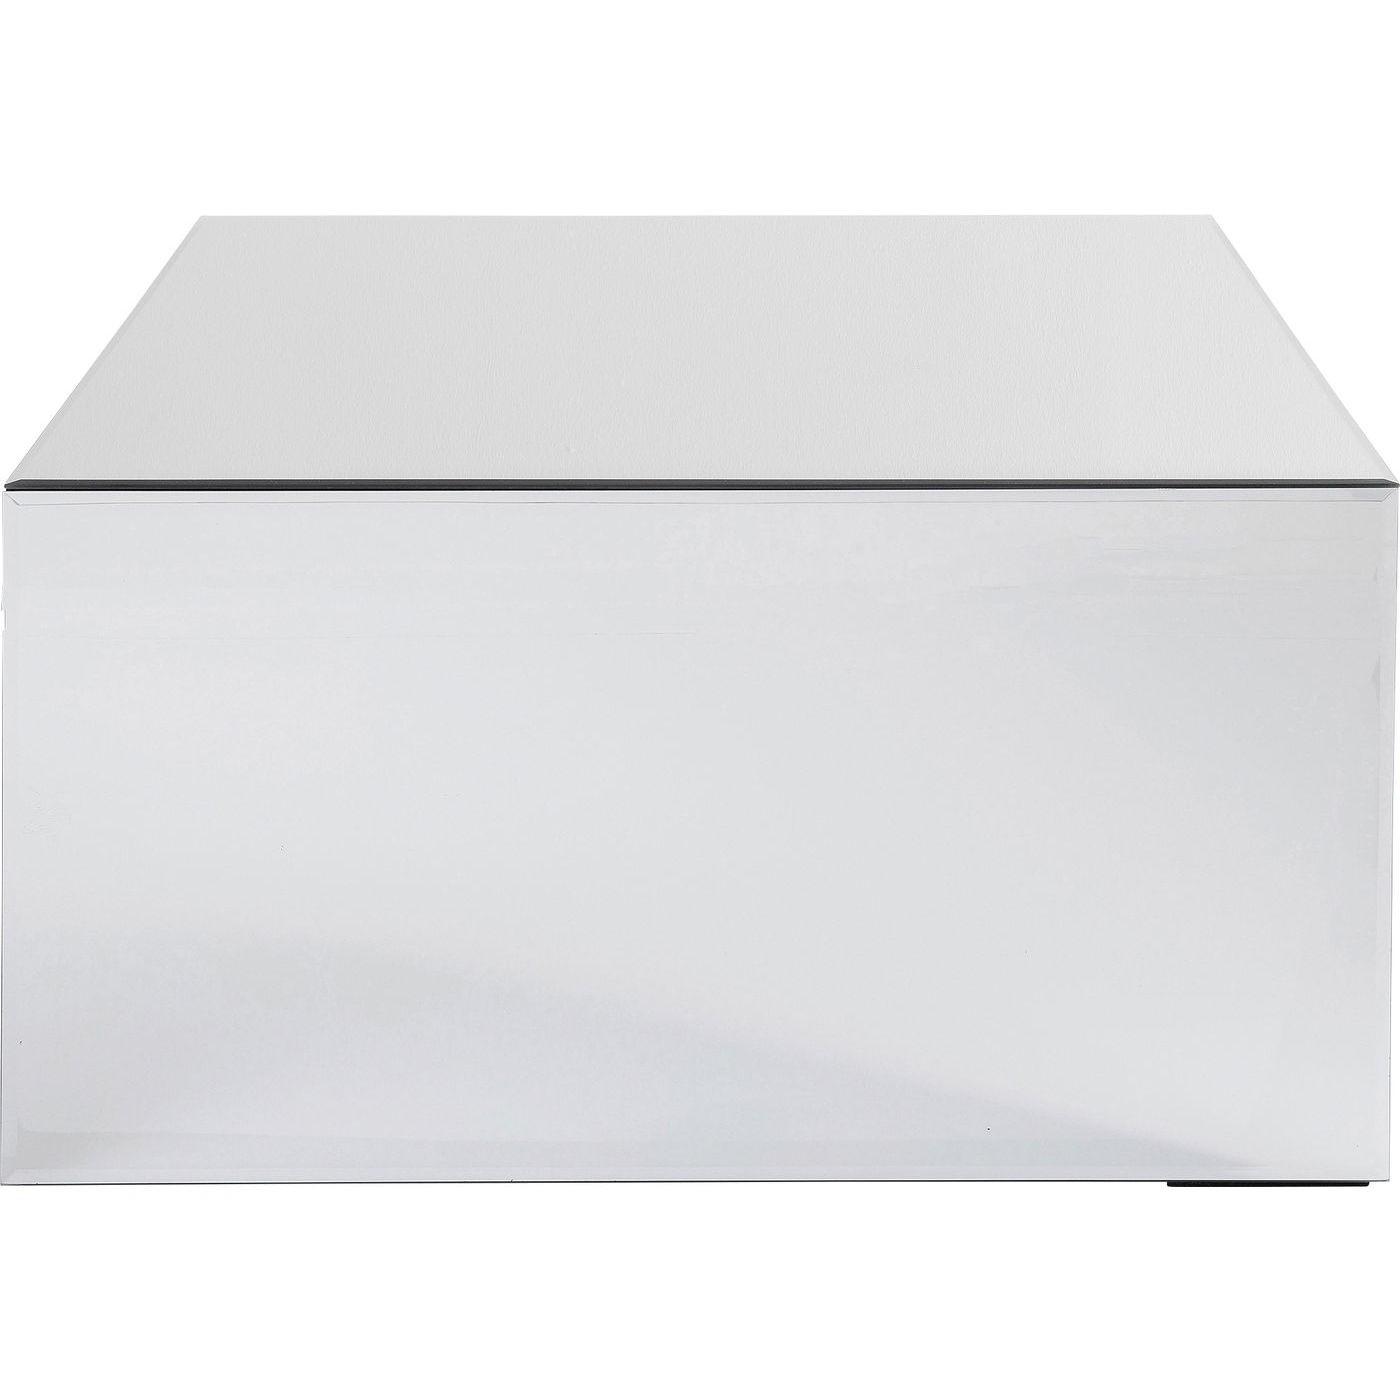 Table basse carrée en verre miroir 70x70